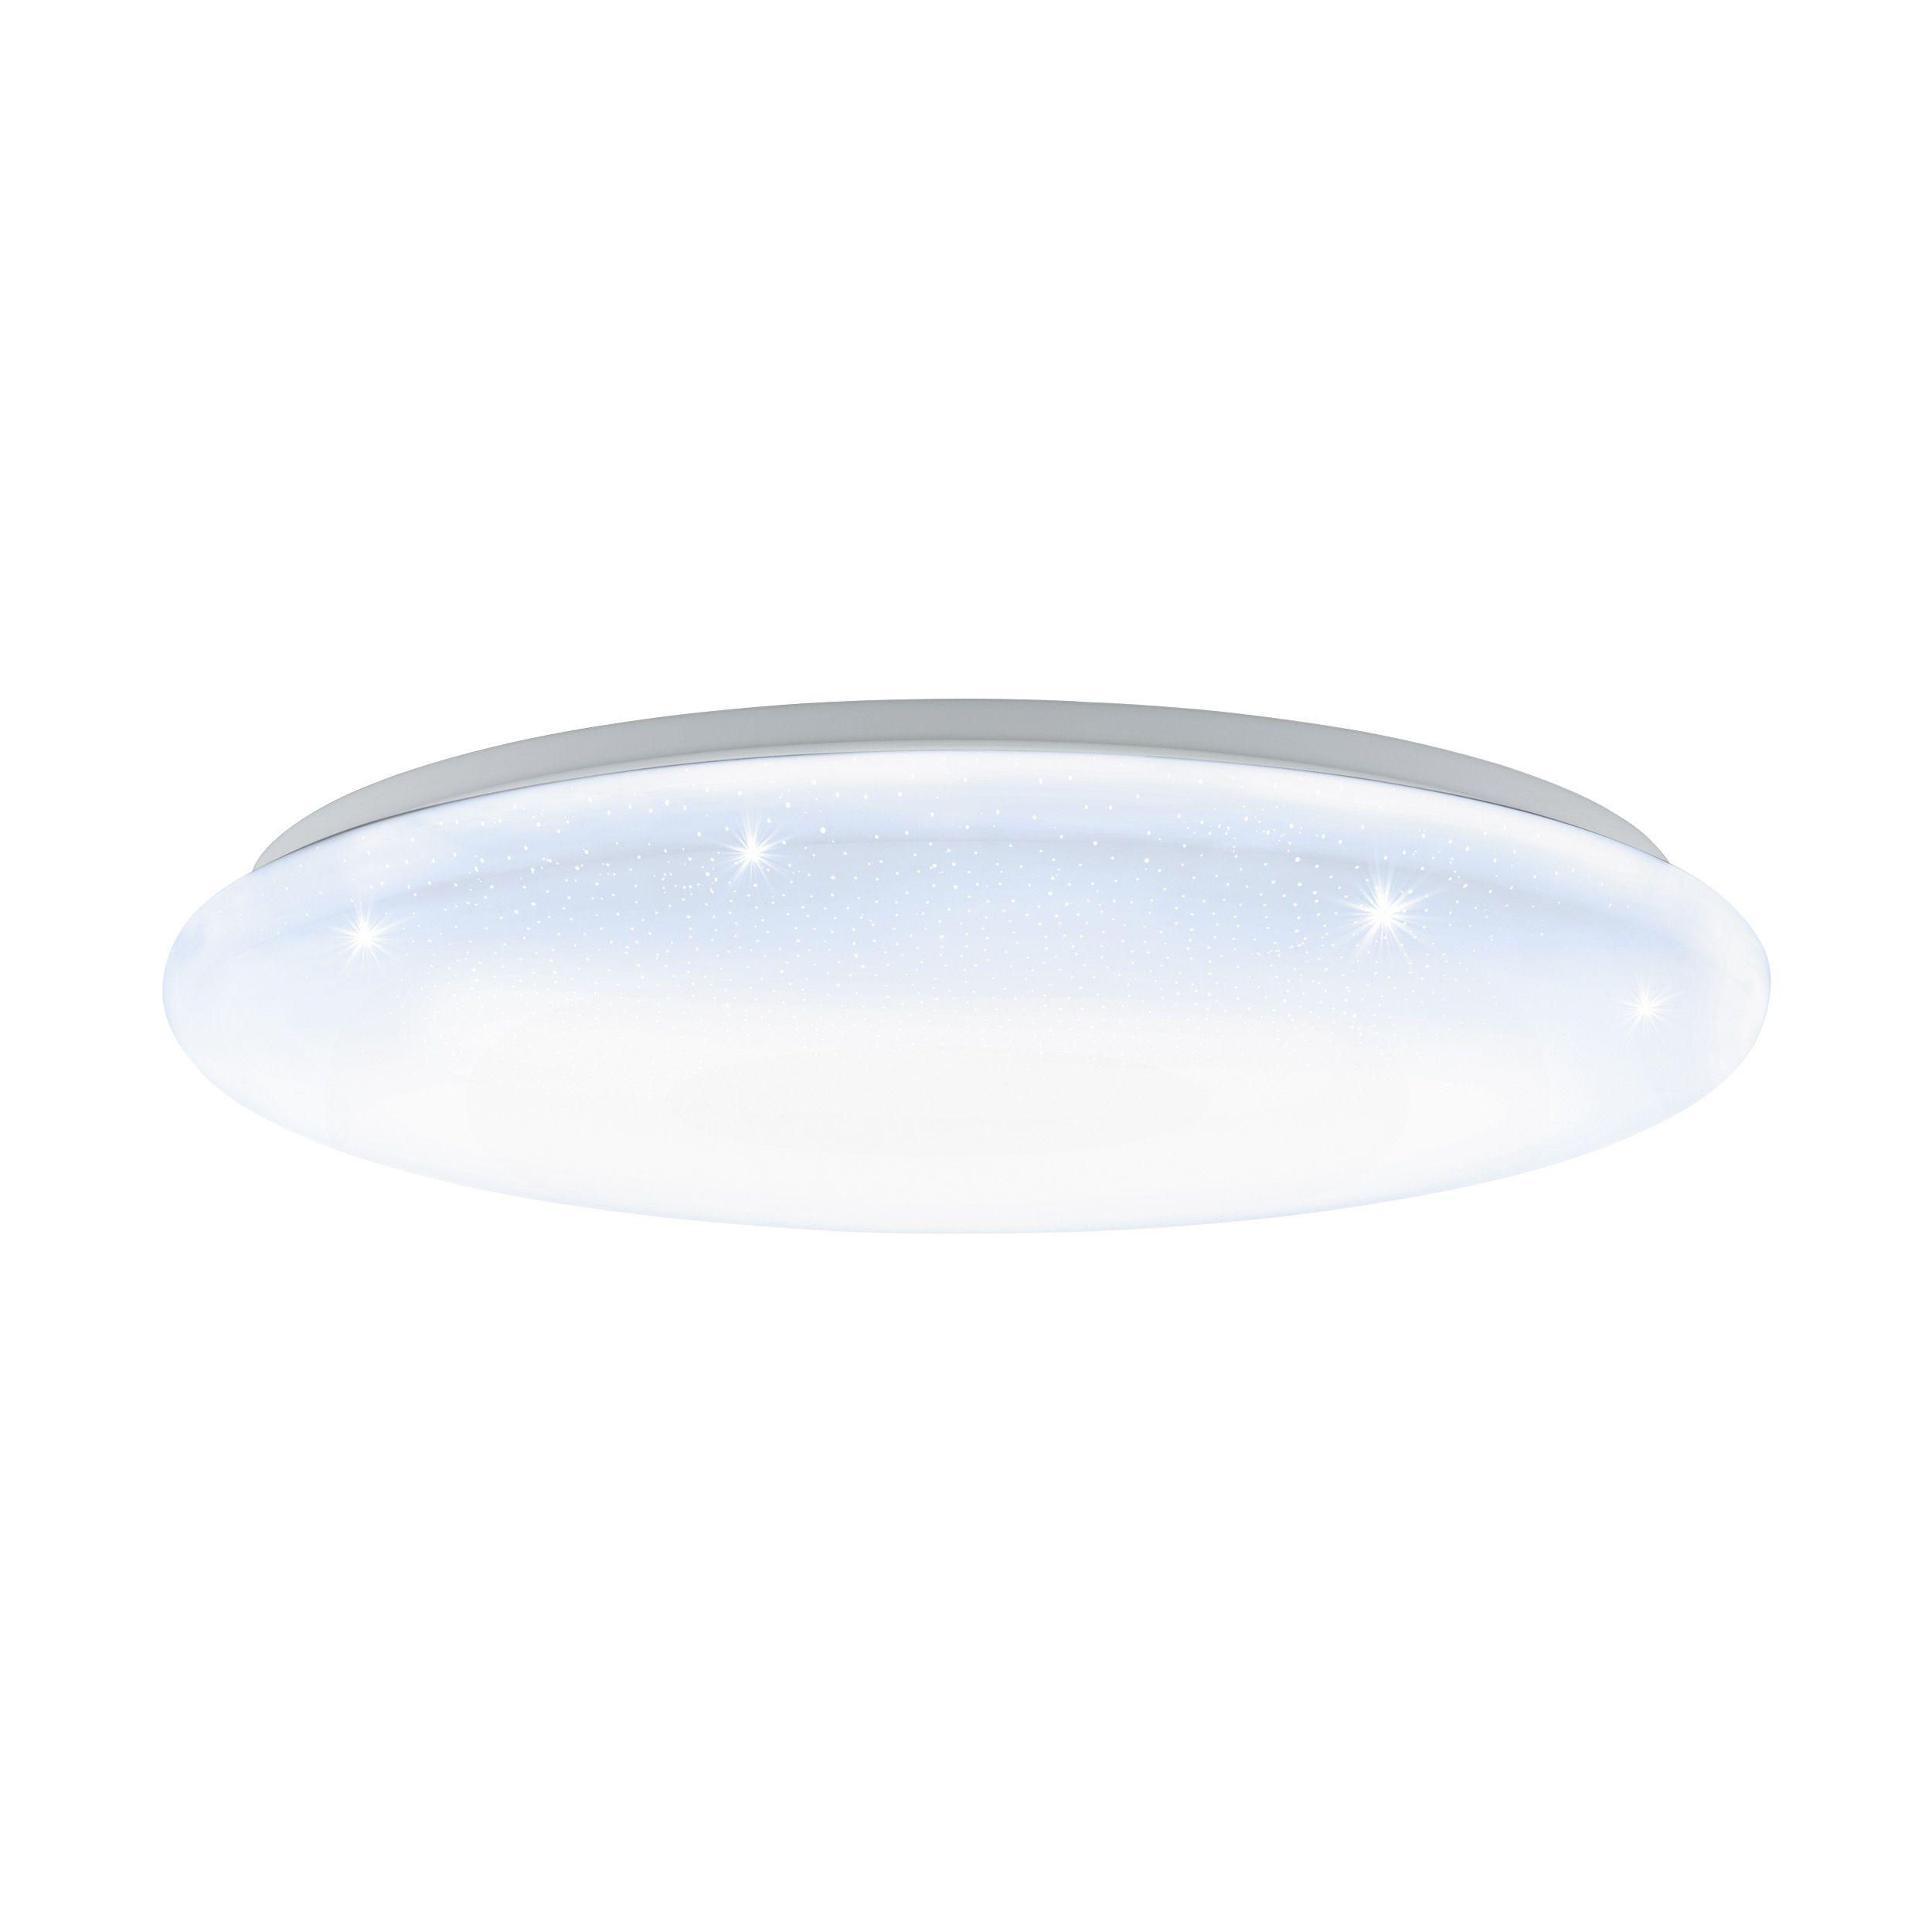 EGLO GIRON-S PLAFONE LED Image